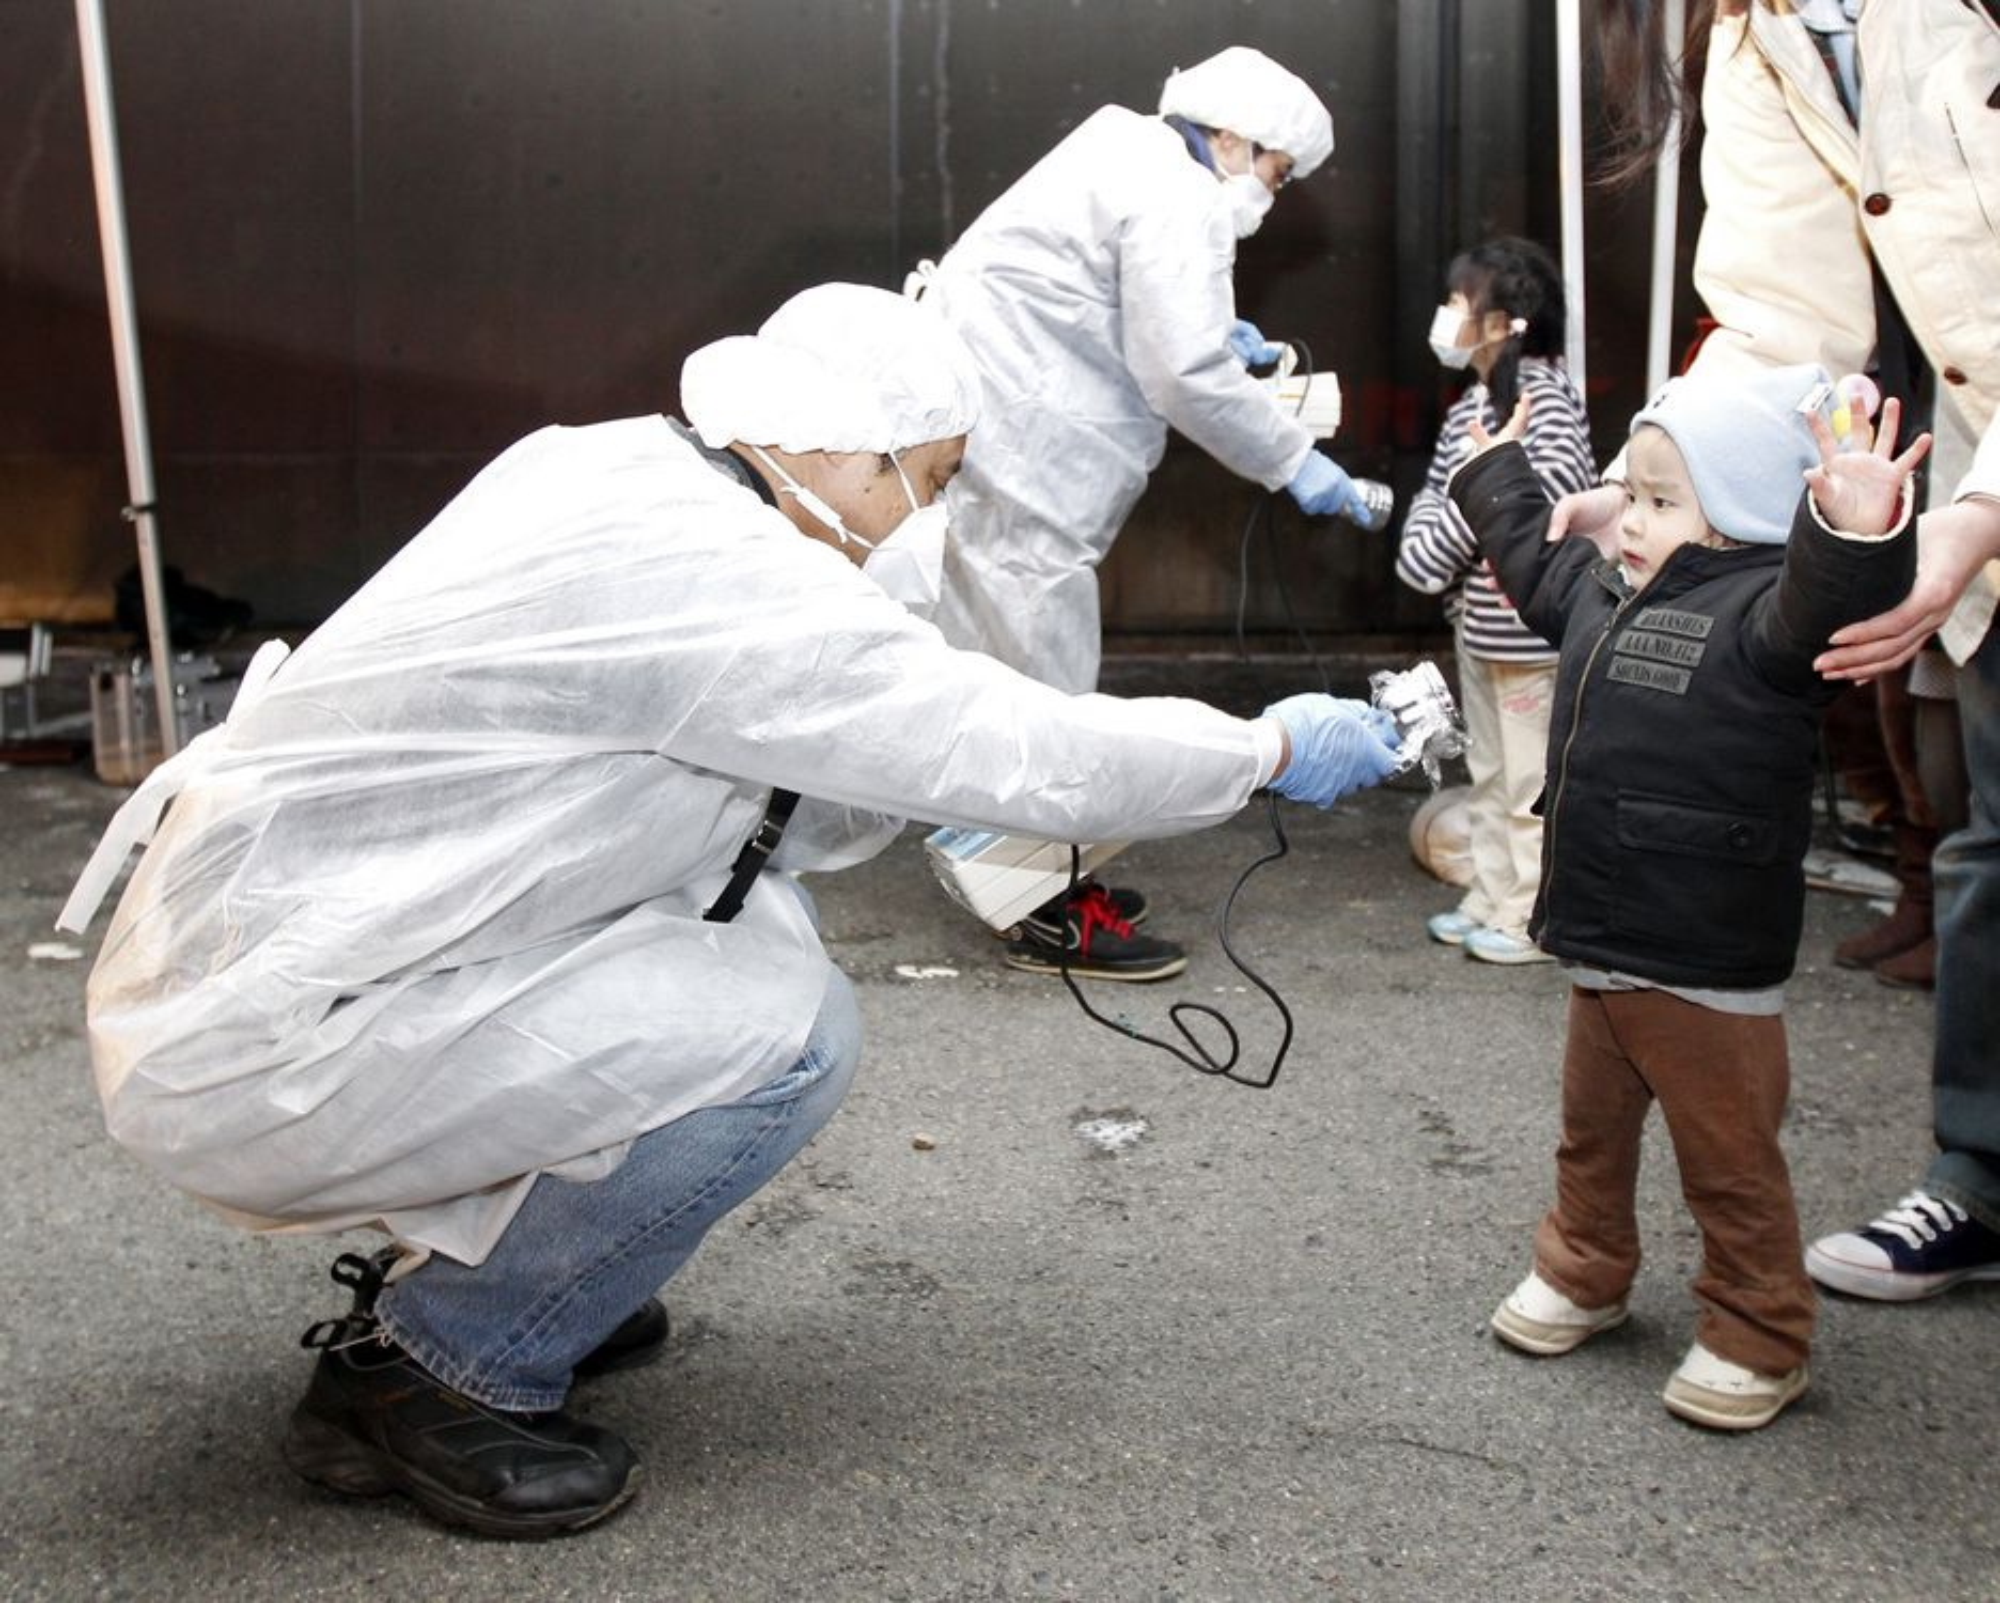 SJEKKES: Tjenestemenn i beskyttelsesutstyr leter etter spor av stråling på barn fra det evakuerte området nær kjernekraftverket Fukushima Daini i Koriyama.